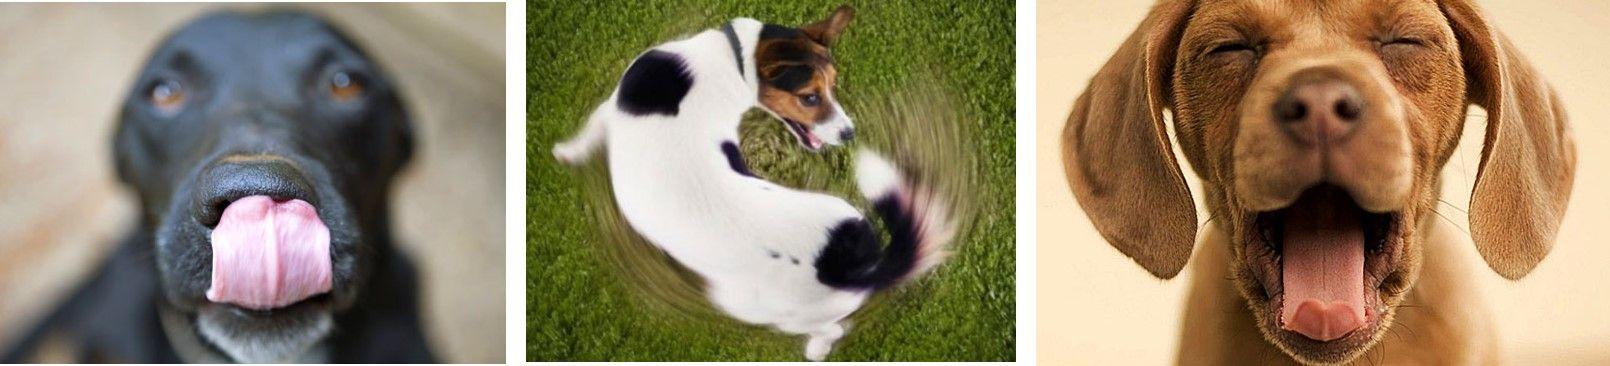 reacciones-caninas-1-Adiestramiento-canino-BEC